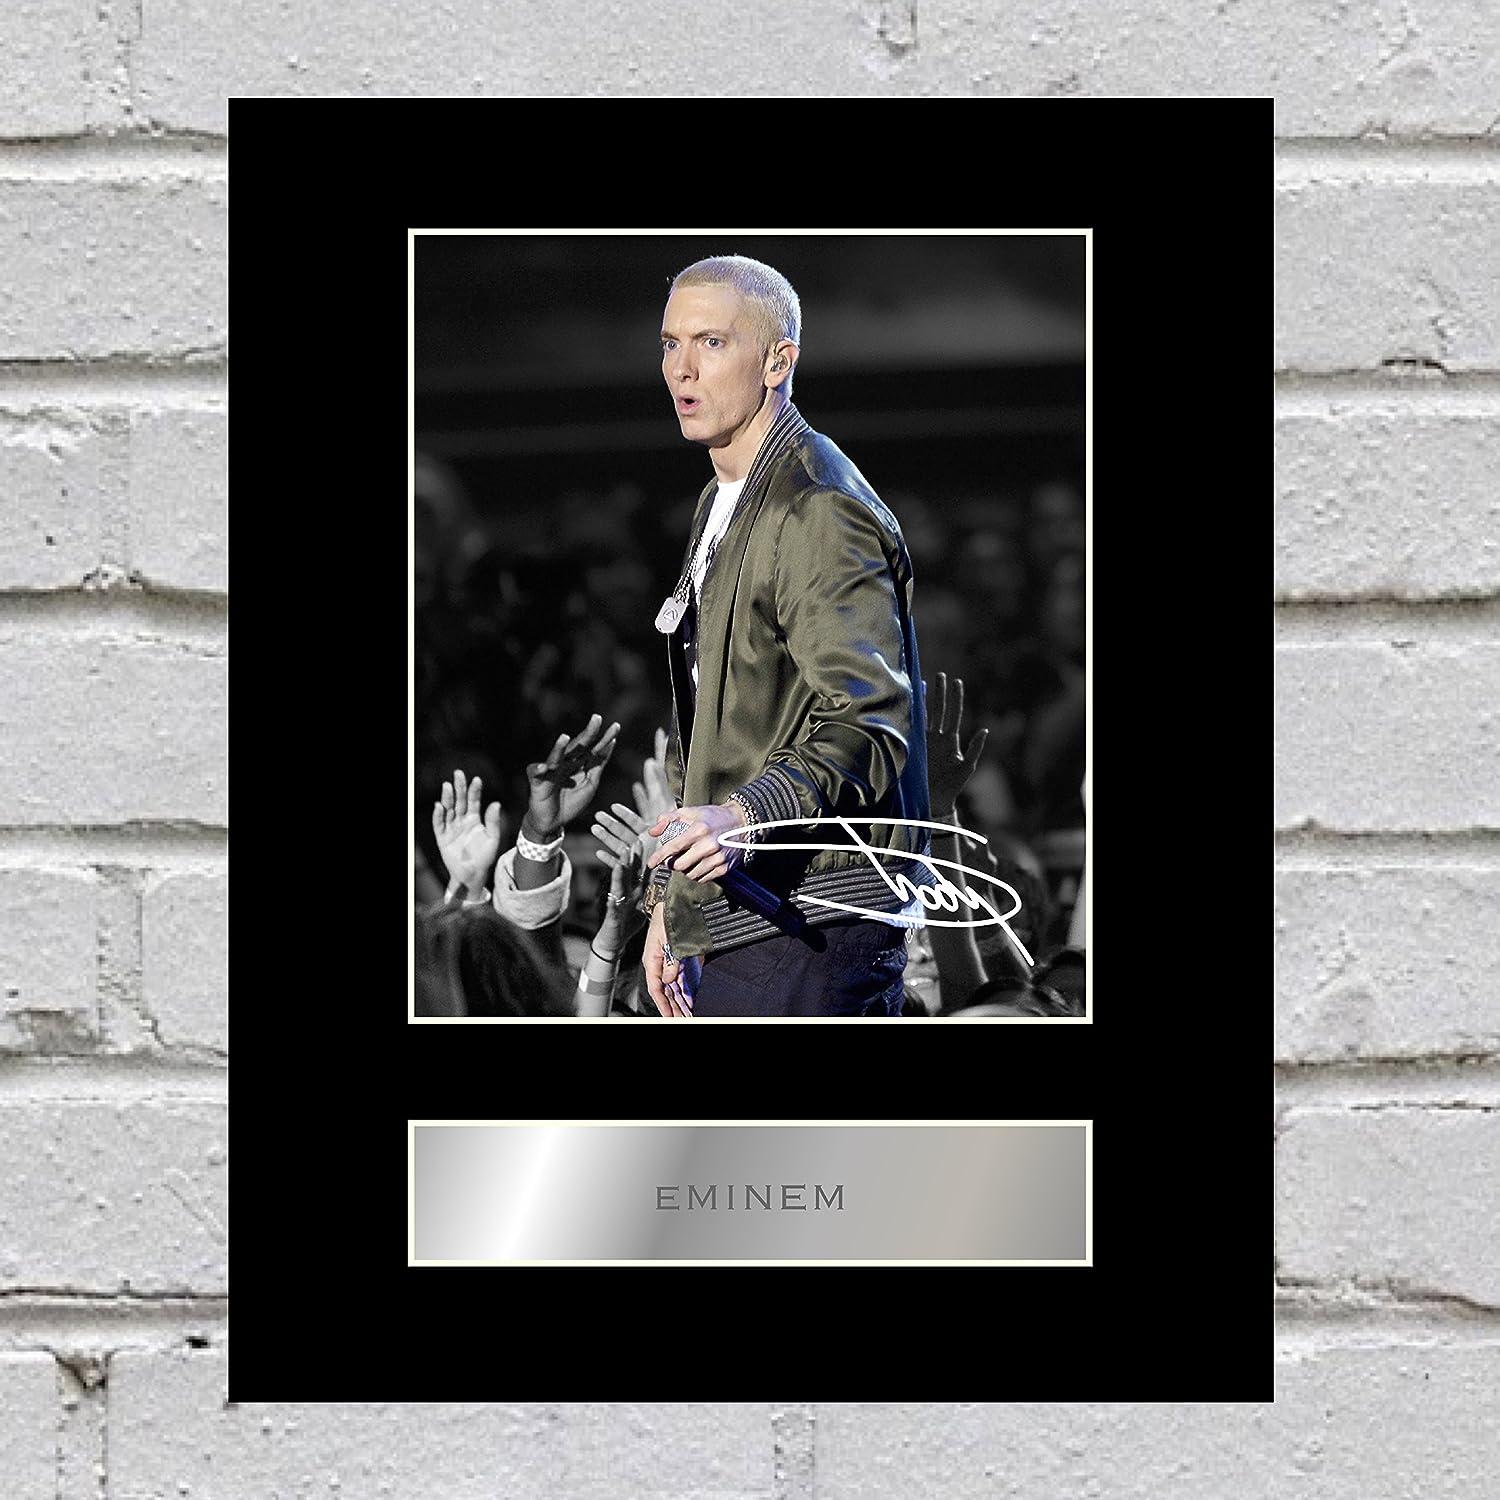 Eminem Signed Mounted Photo Display #2 Iconic pics